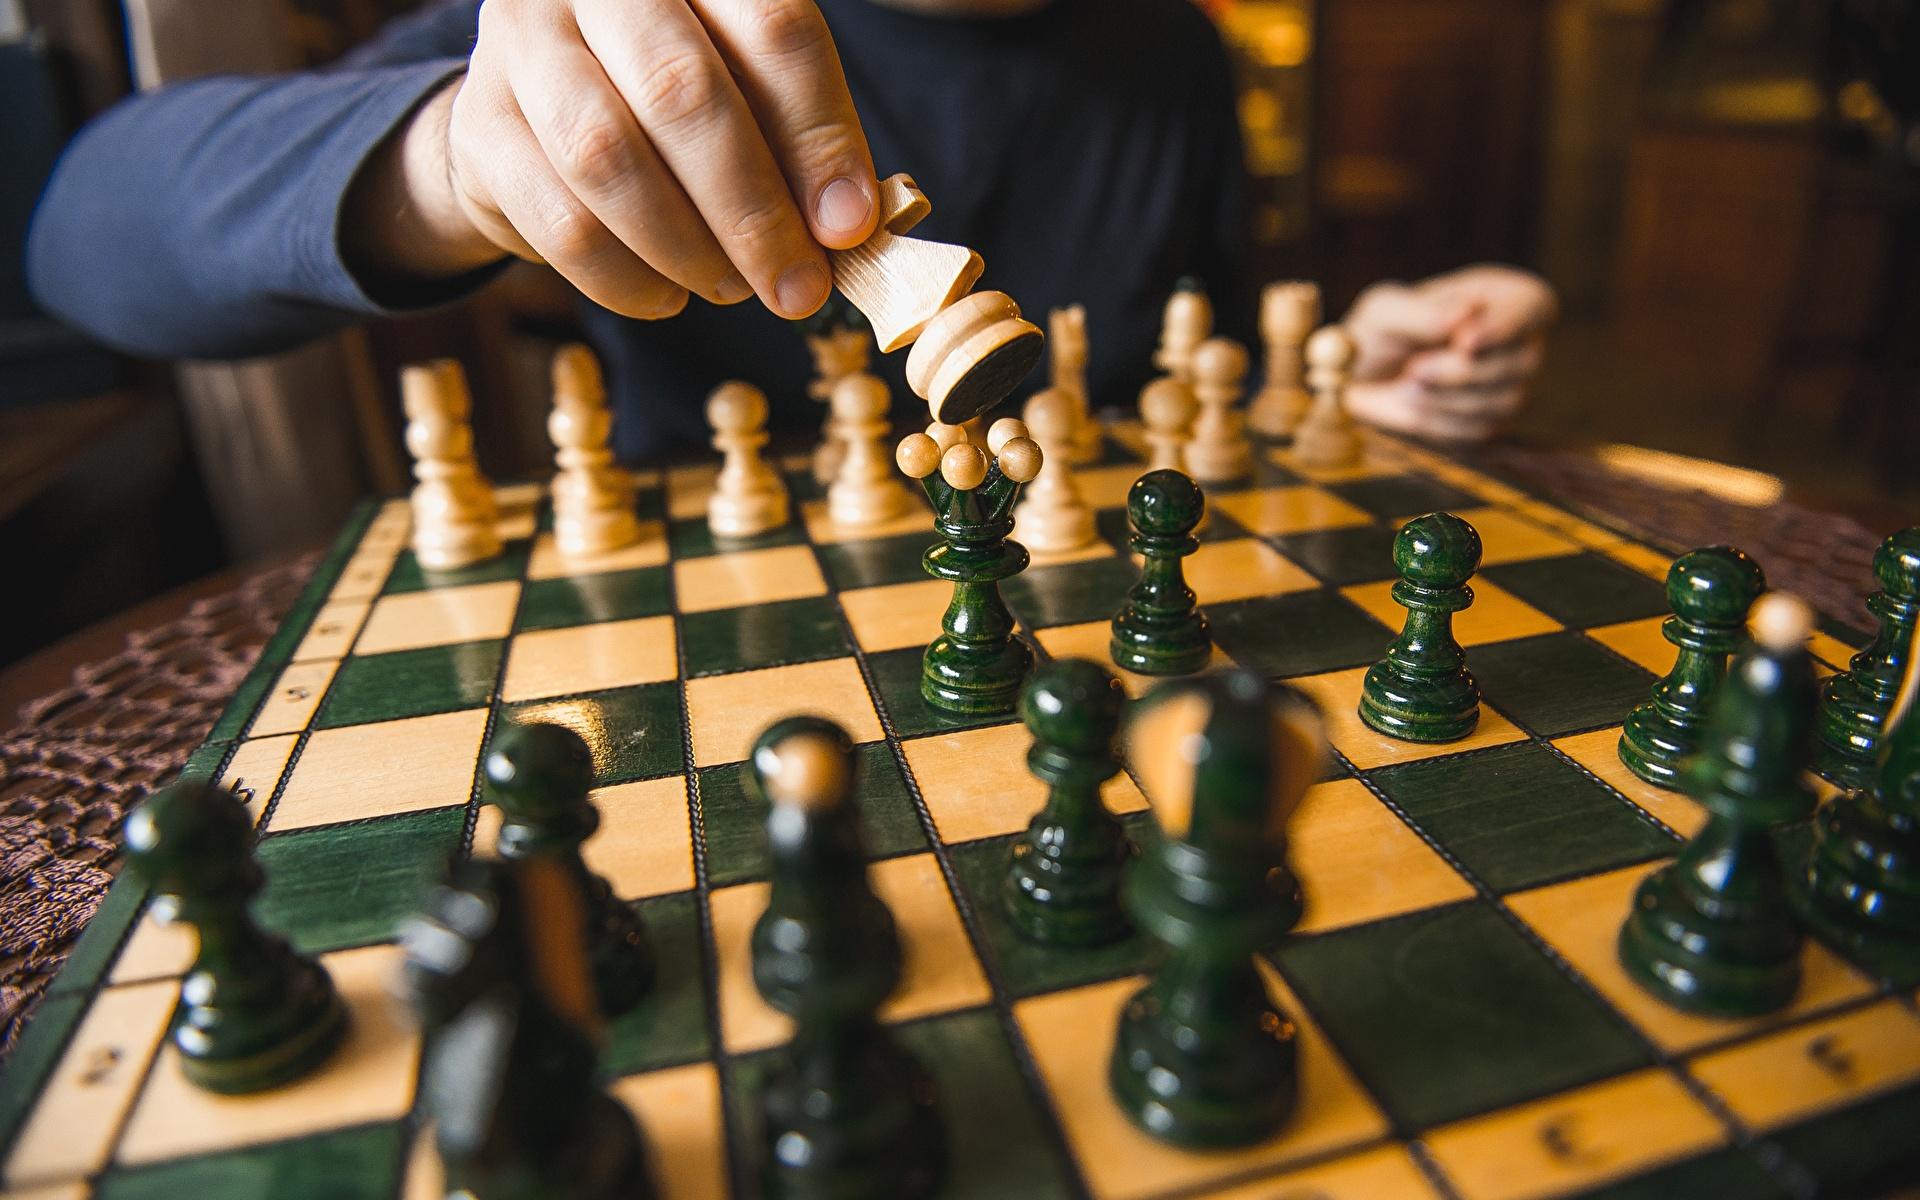 В Ржеве завершился турнир по быстрым шахматам